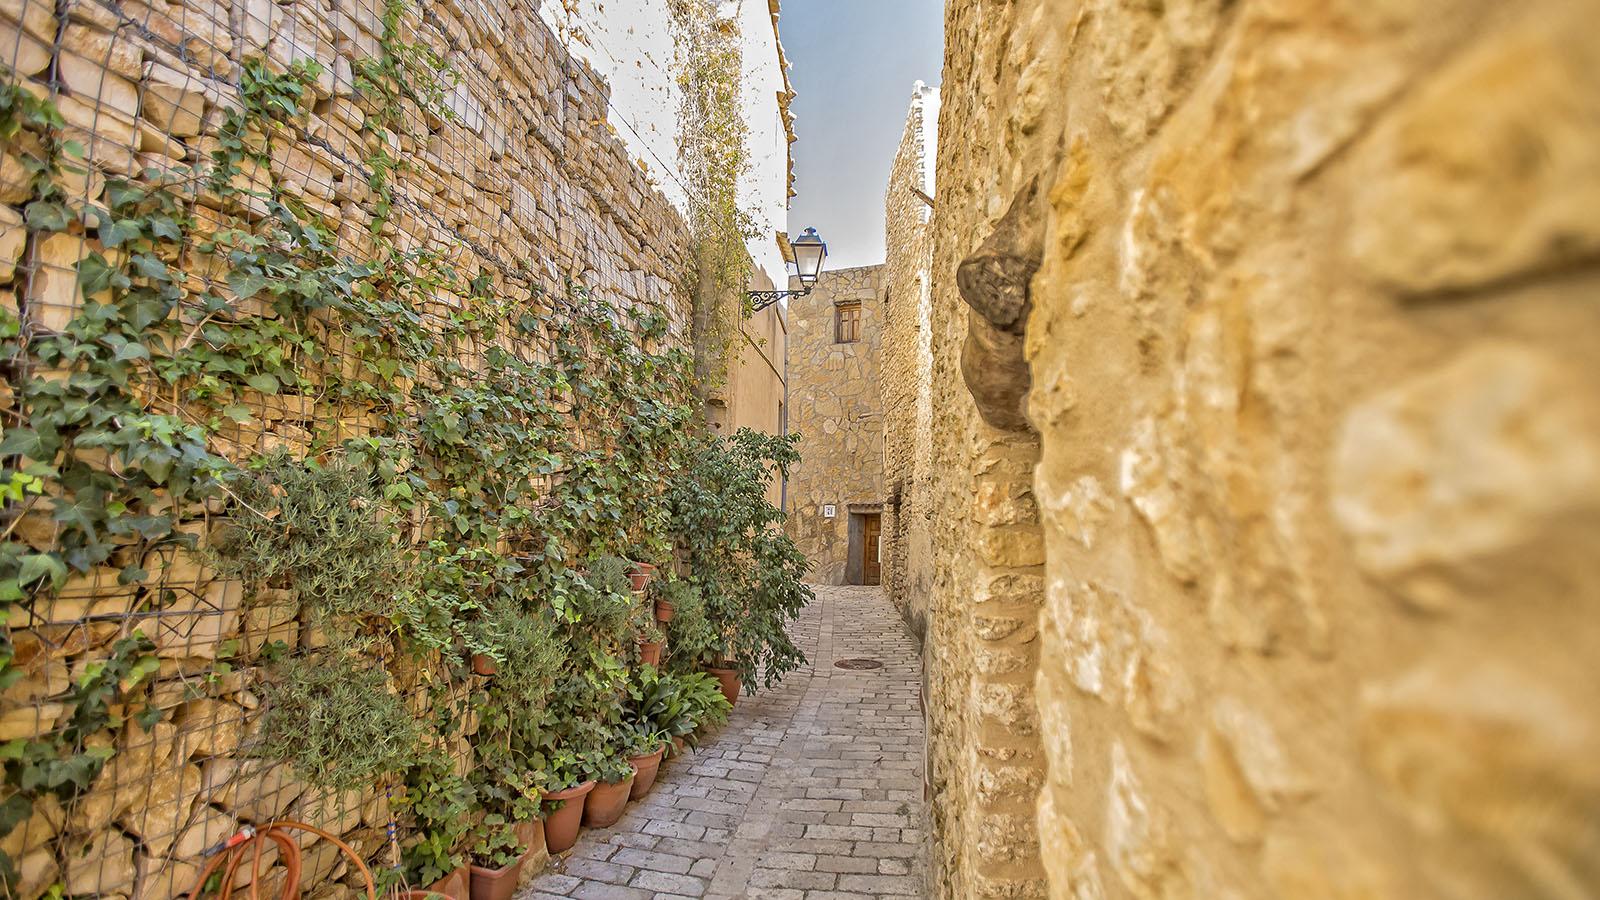 Ayuntamiento_Cervera_del_Maestre-casco-antiguo-calle-recorridos-virtuales